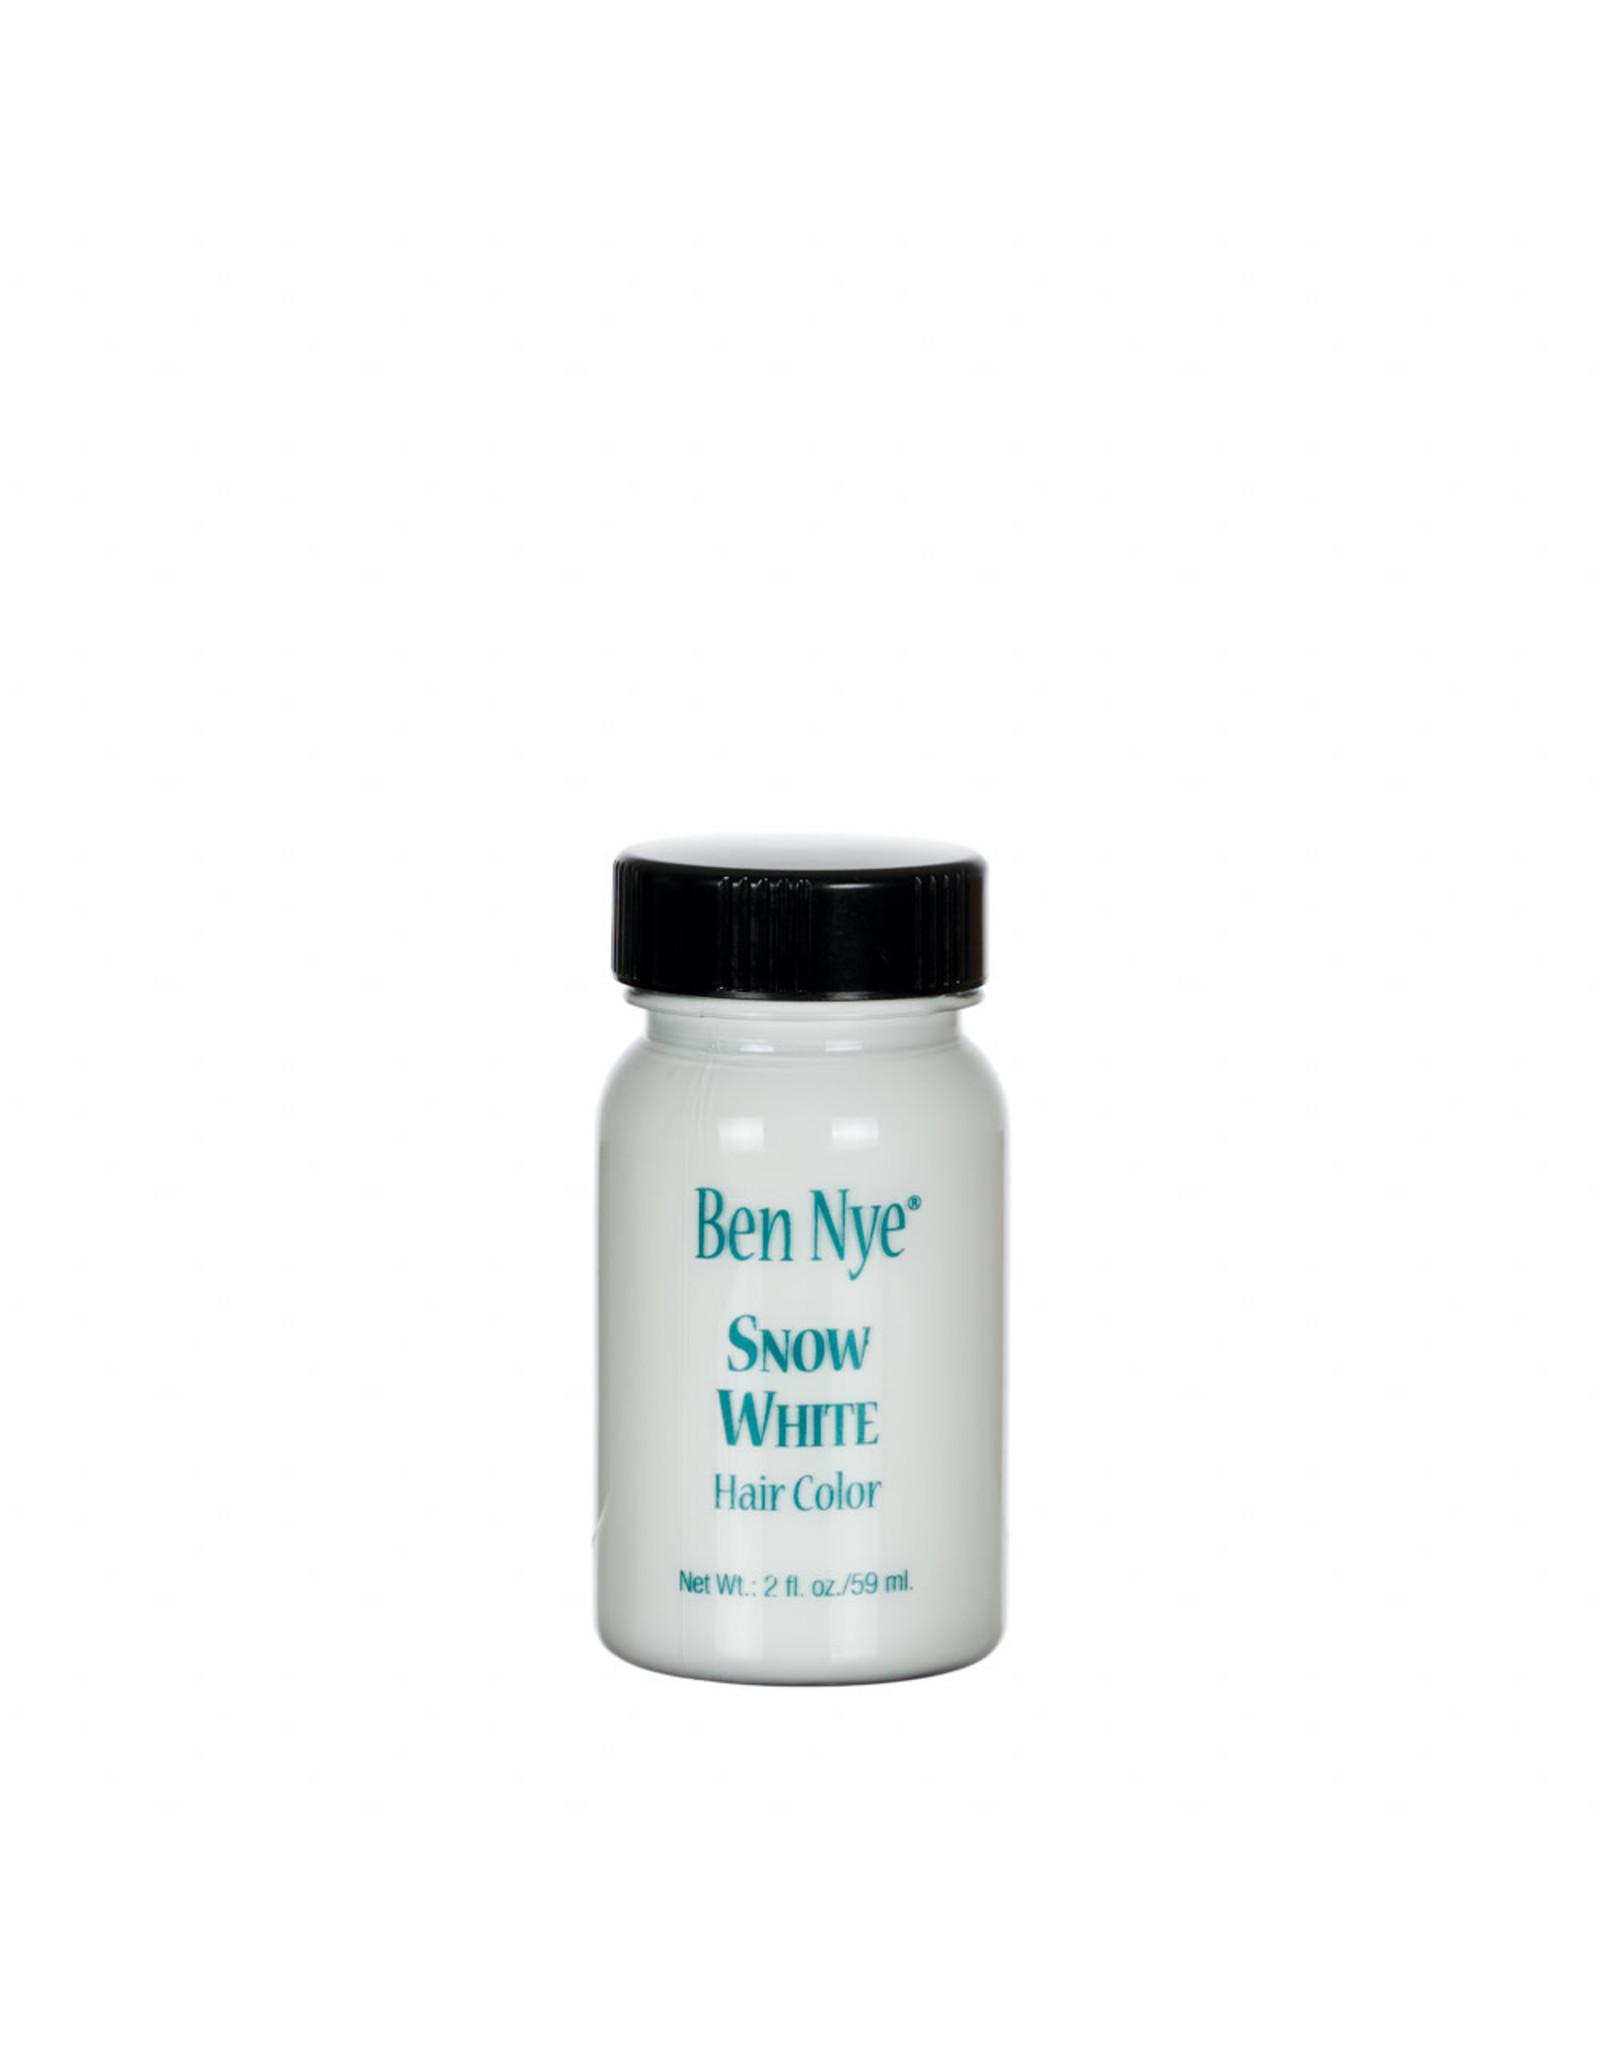 Ben Nye Ben Nye Snow White Hair Color